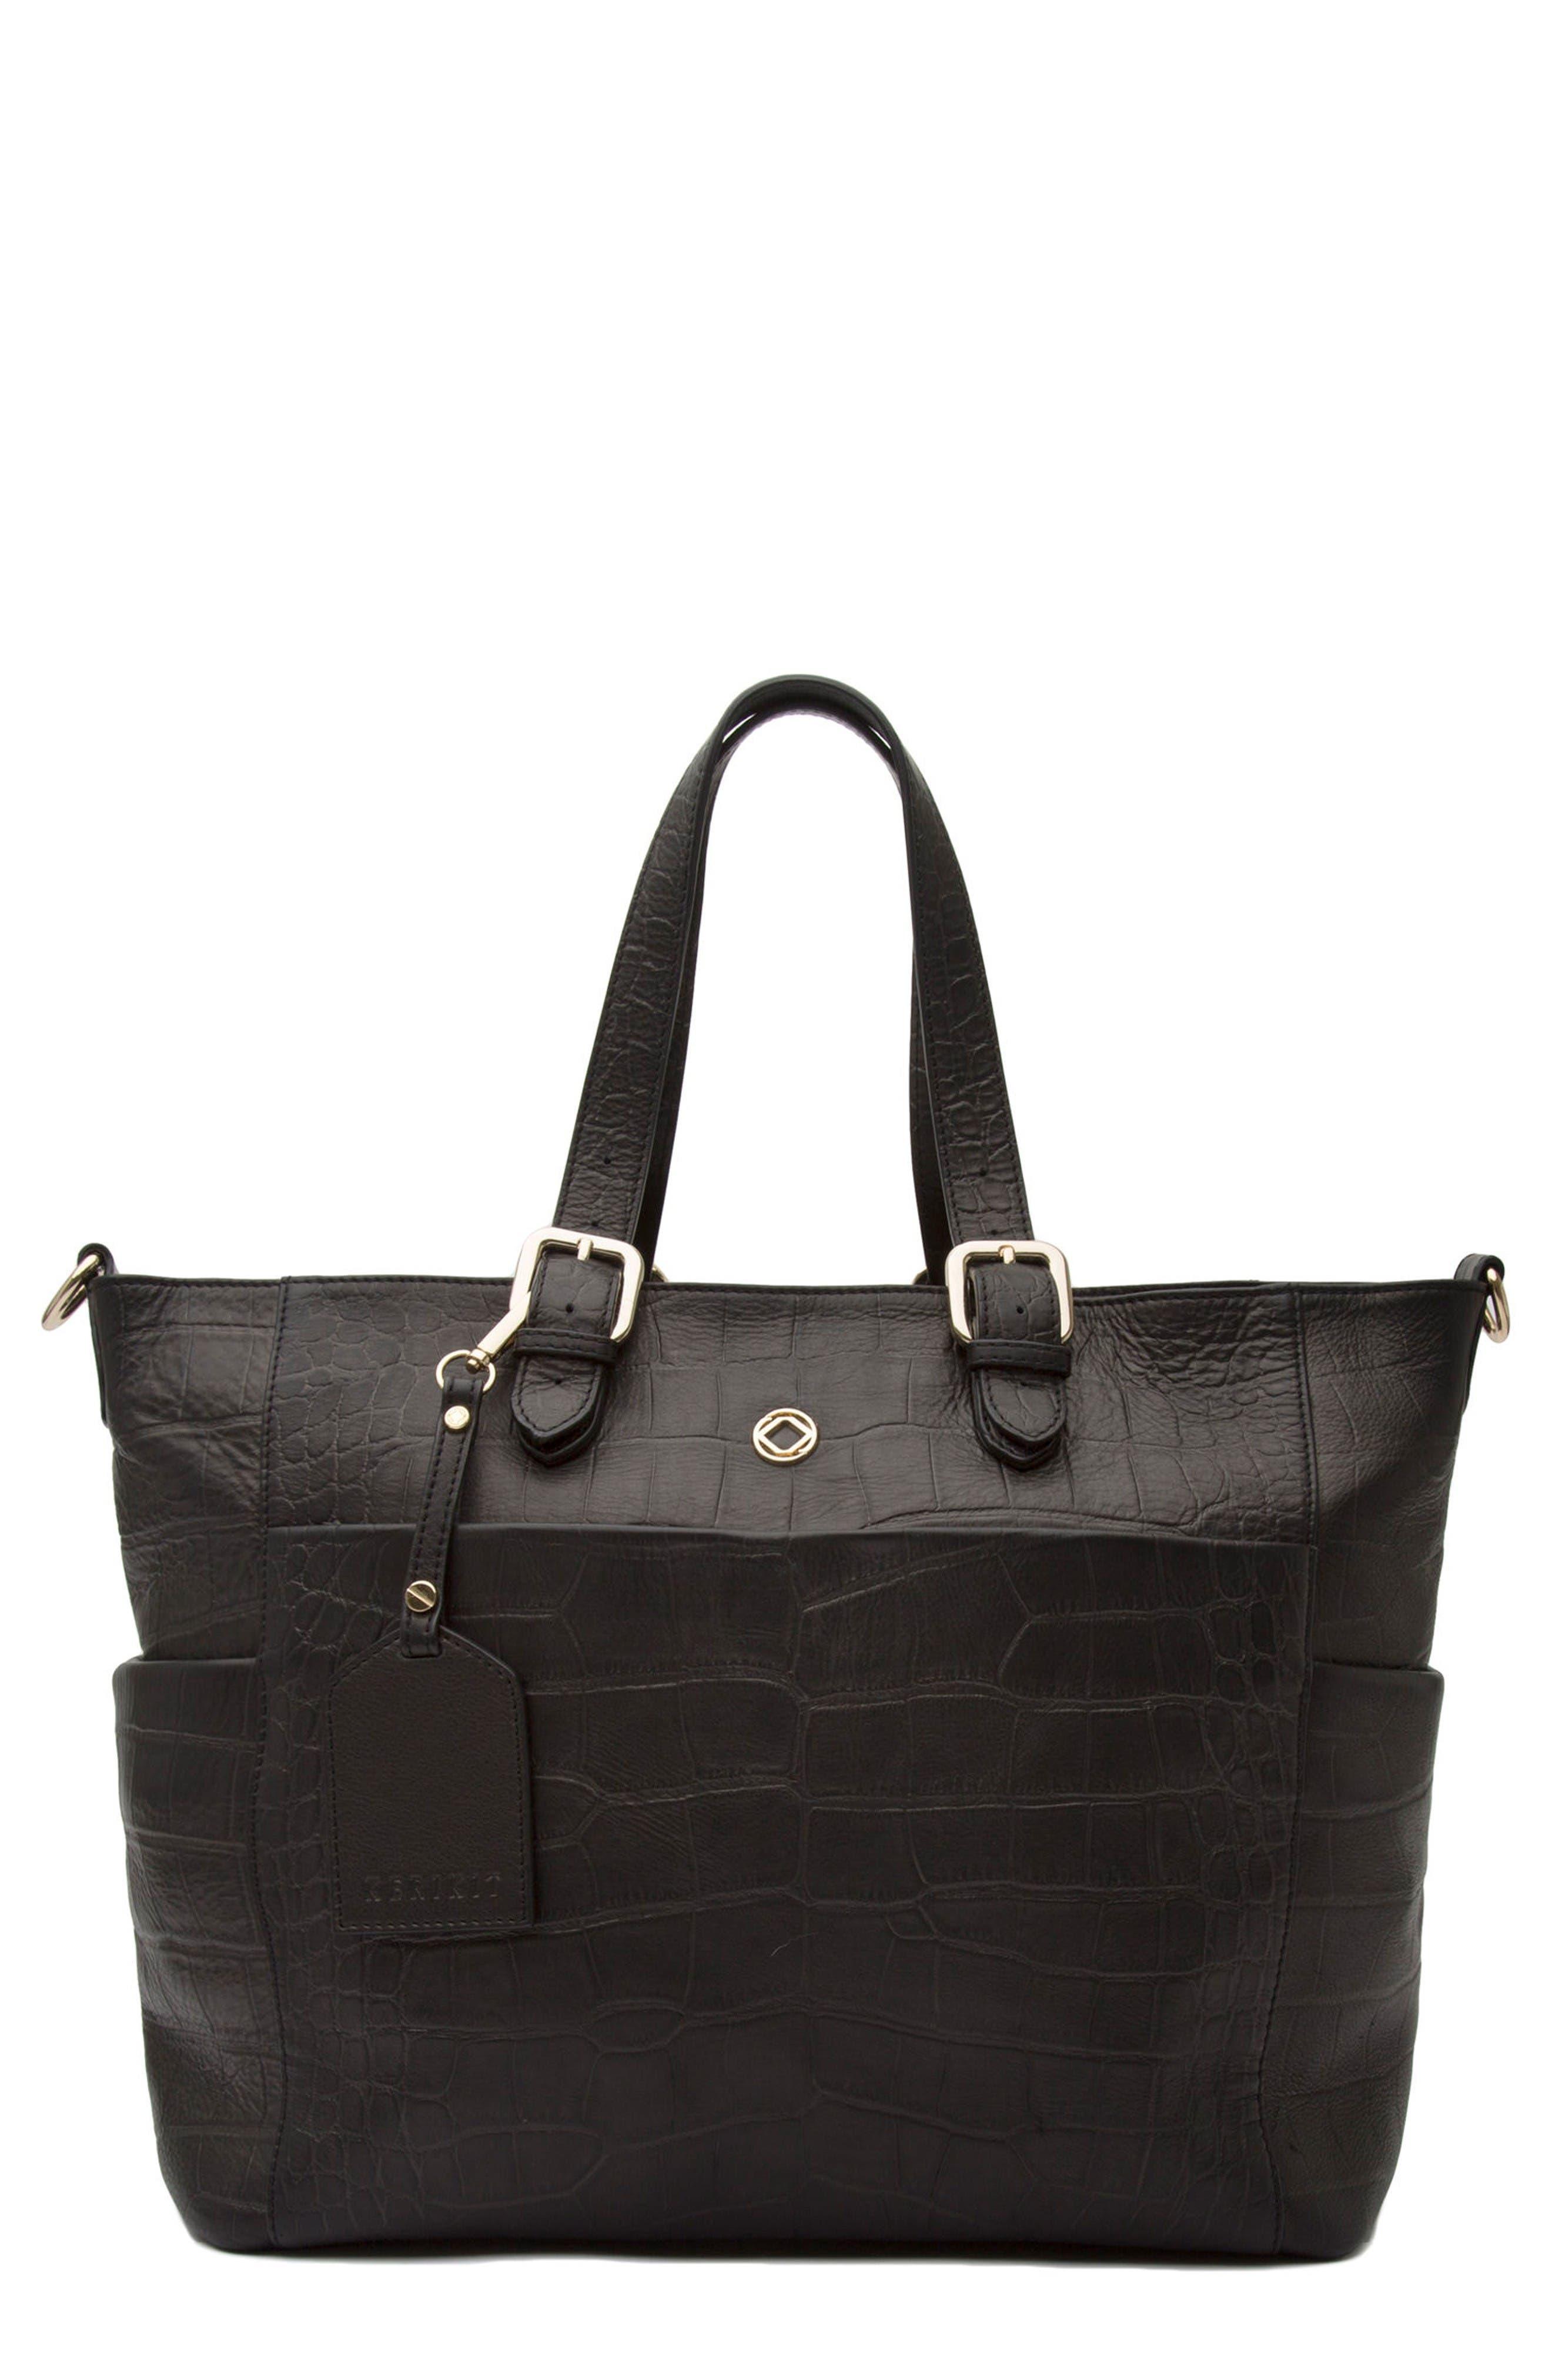 Alternate Image 1 Selected - Kerikit Francis Croc Embossed Leather Diaper Bag